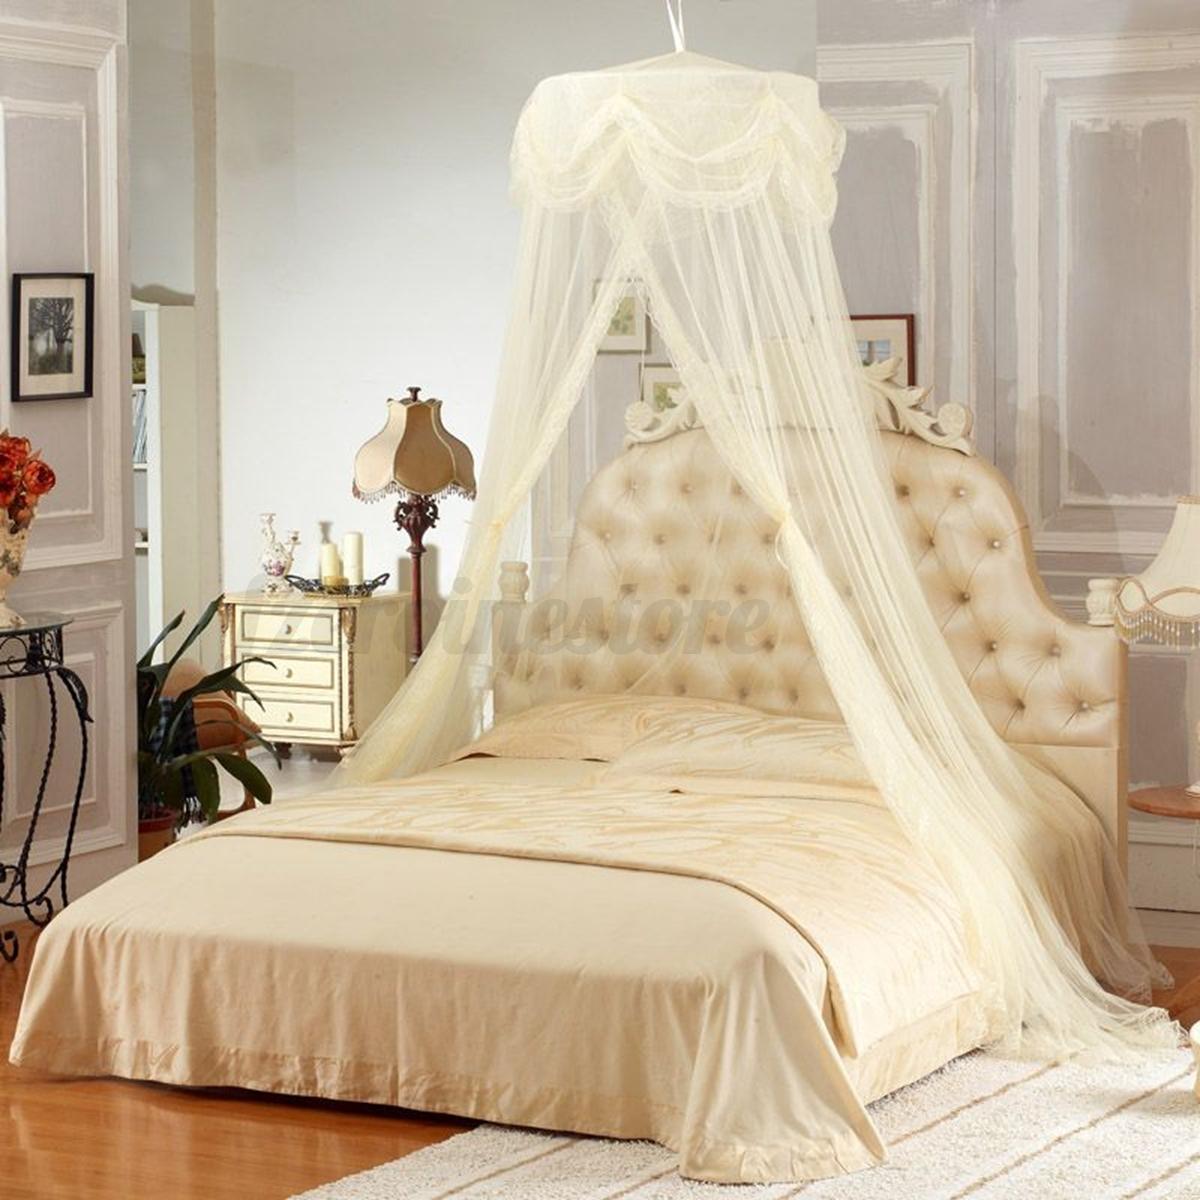 moskitonetz m ckennetz betthimmel fliegennetz insekten schutz reisenetz farben ebay. Black Bedroom Furniture Sets. Home Design Ideas